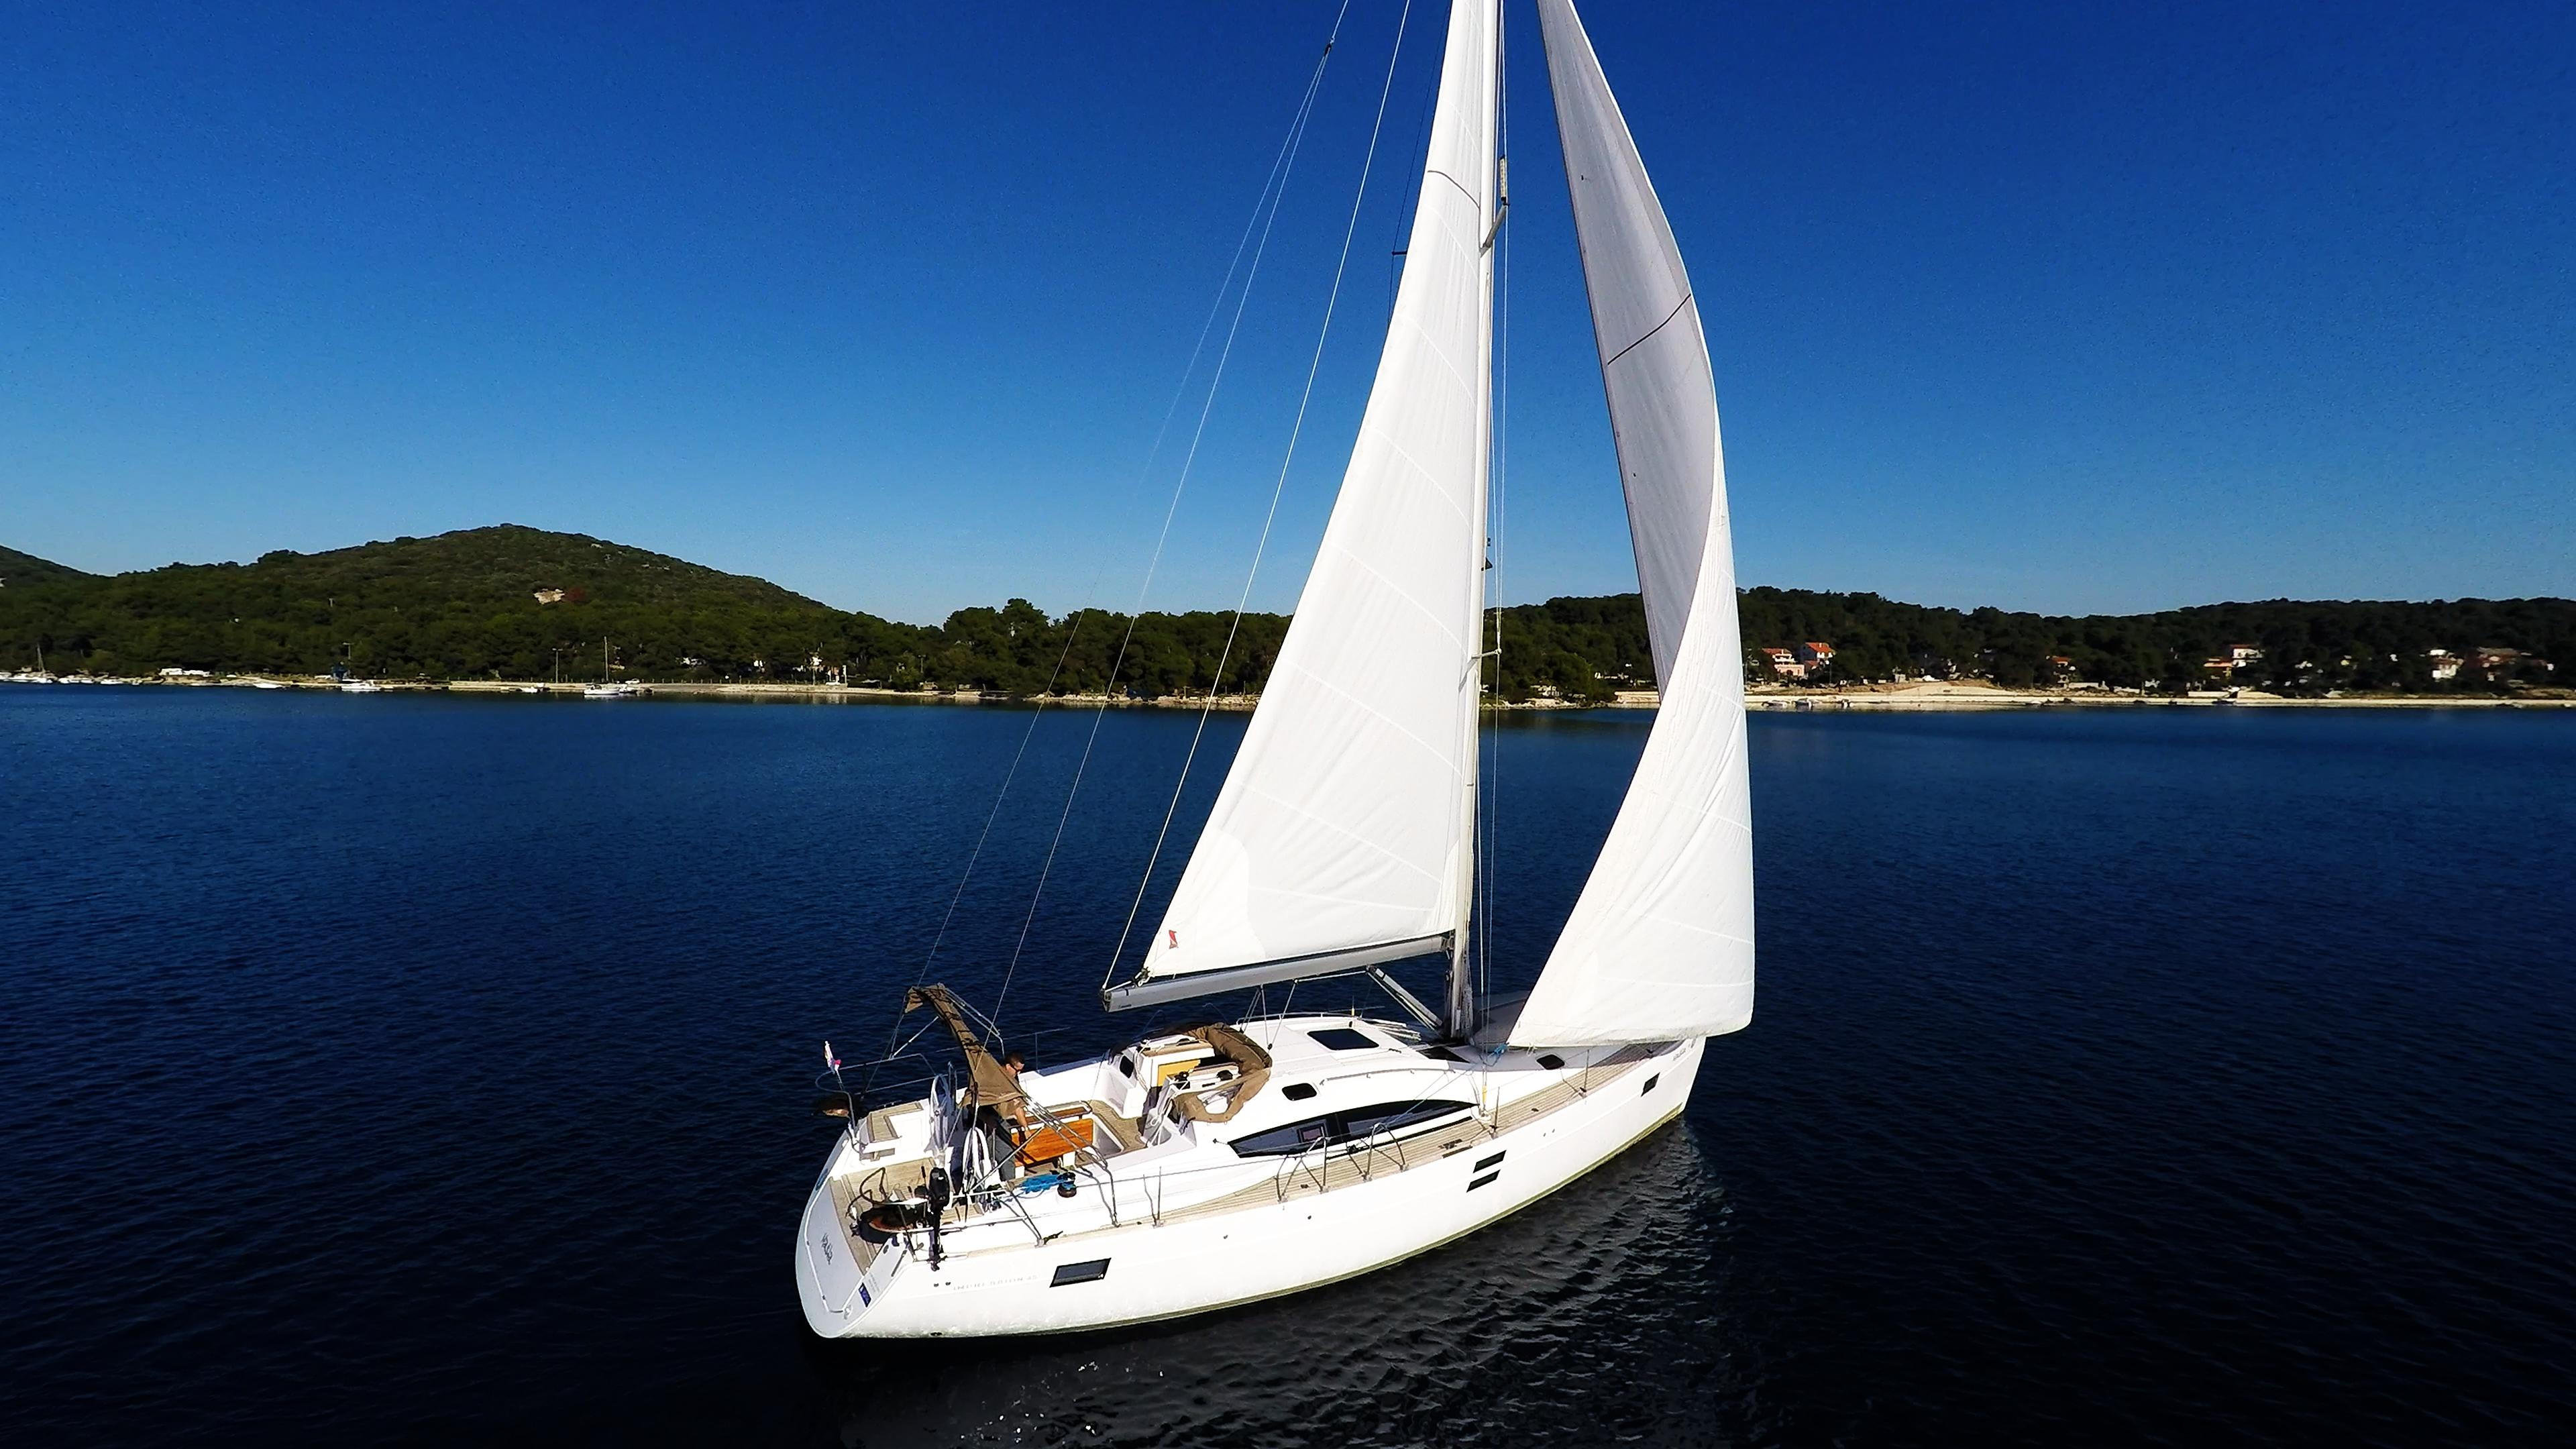 bateau à voile ciel bleu voilier elan 45 impression bateau à voile voile